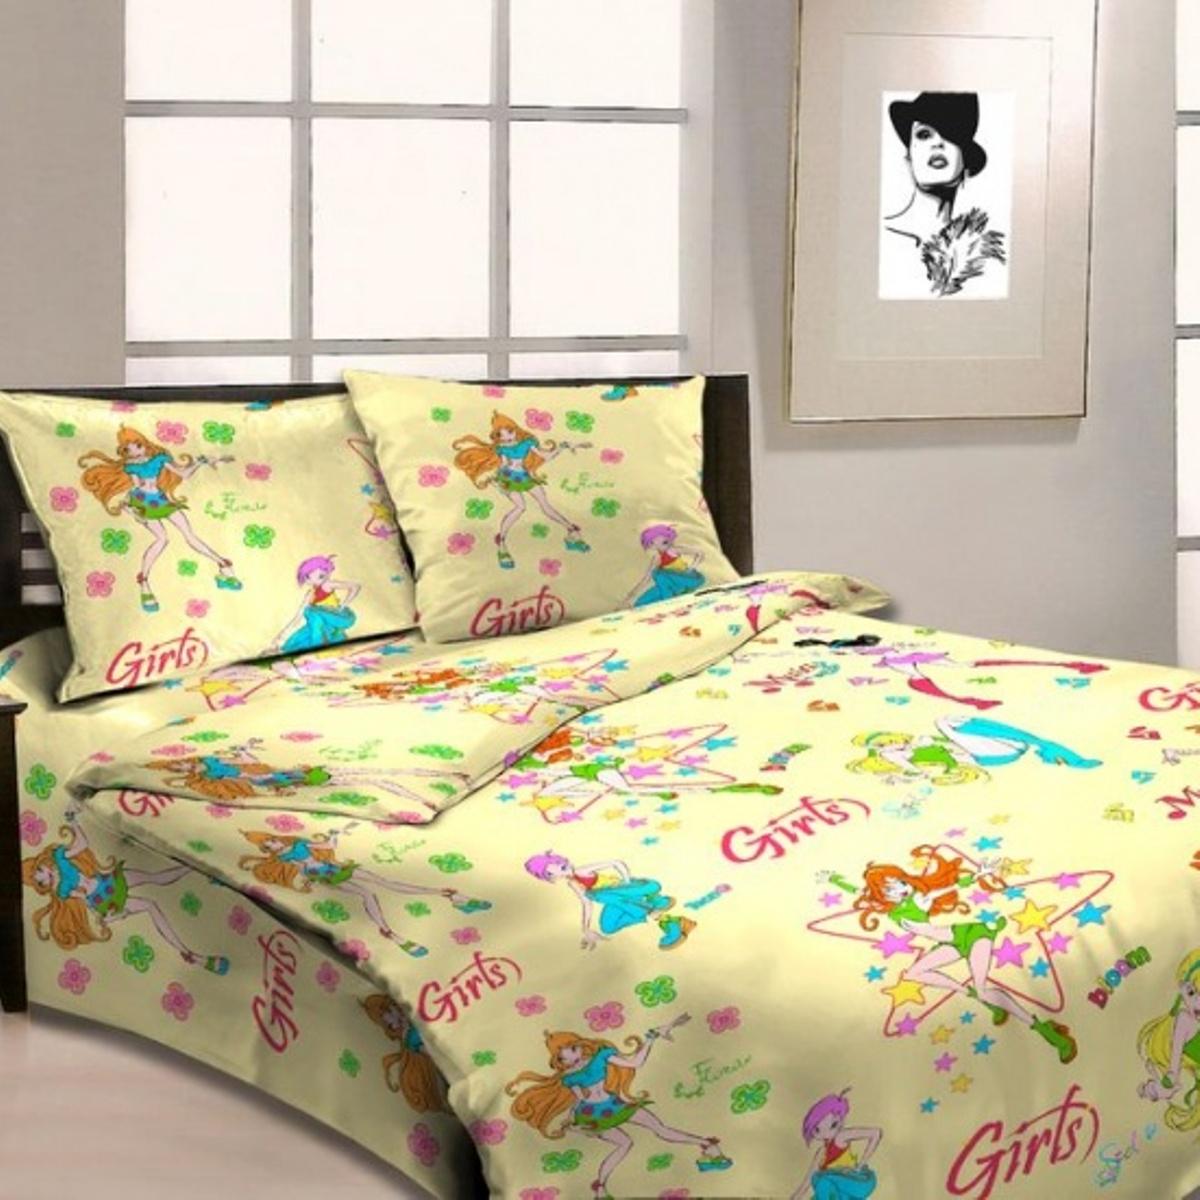 Комплект детского постельного белья Letto  Герлз , 1,5 спальный, наволочка 50 x 70 см, цвет: желтый -  Постельное белье